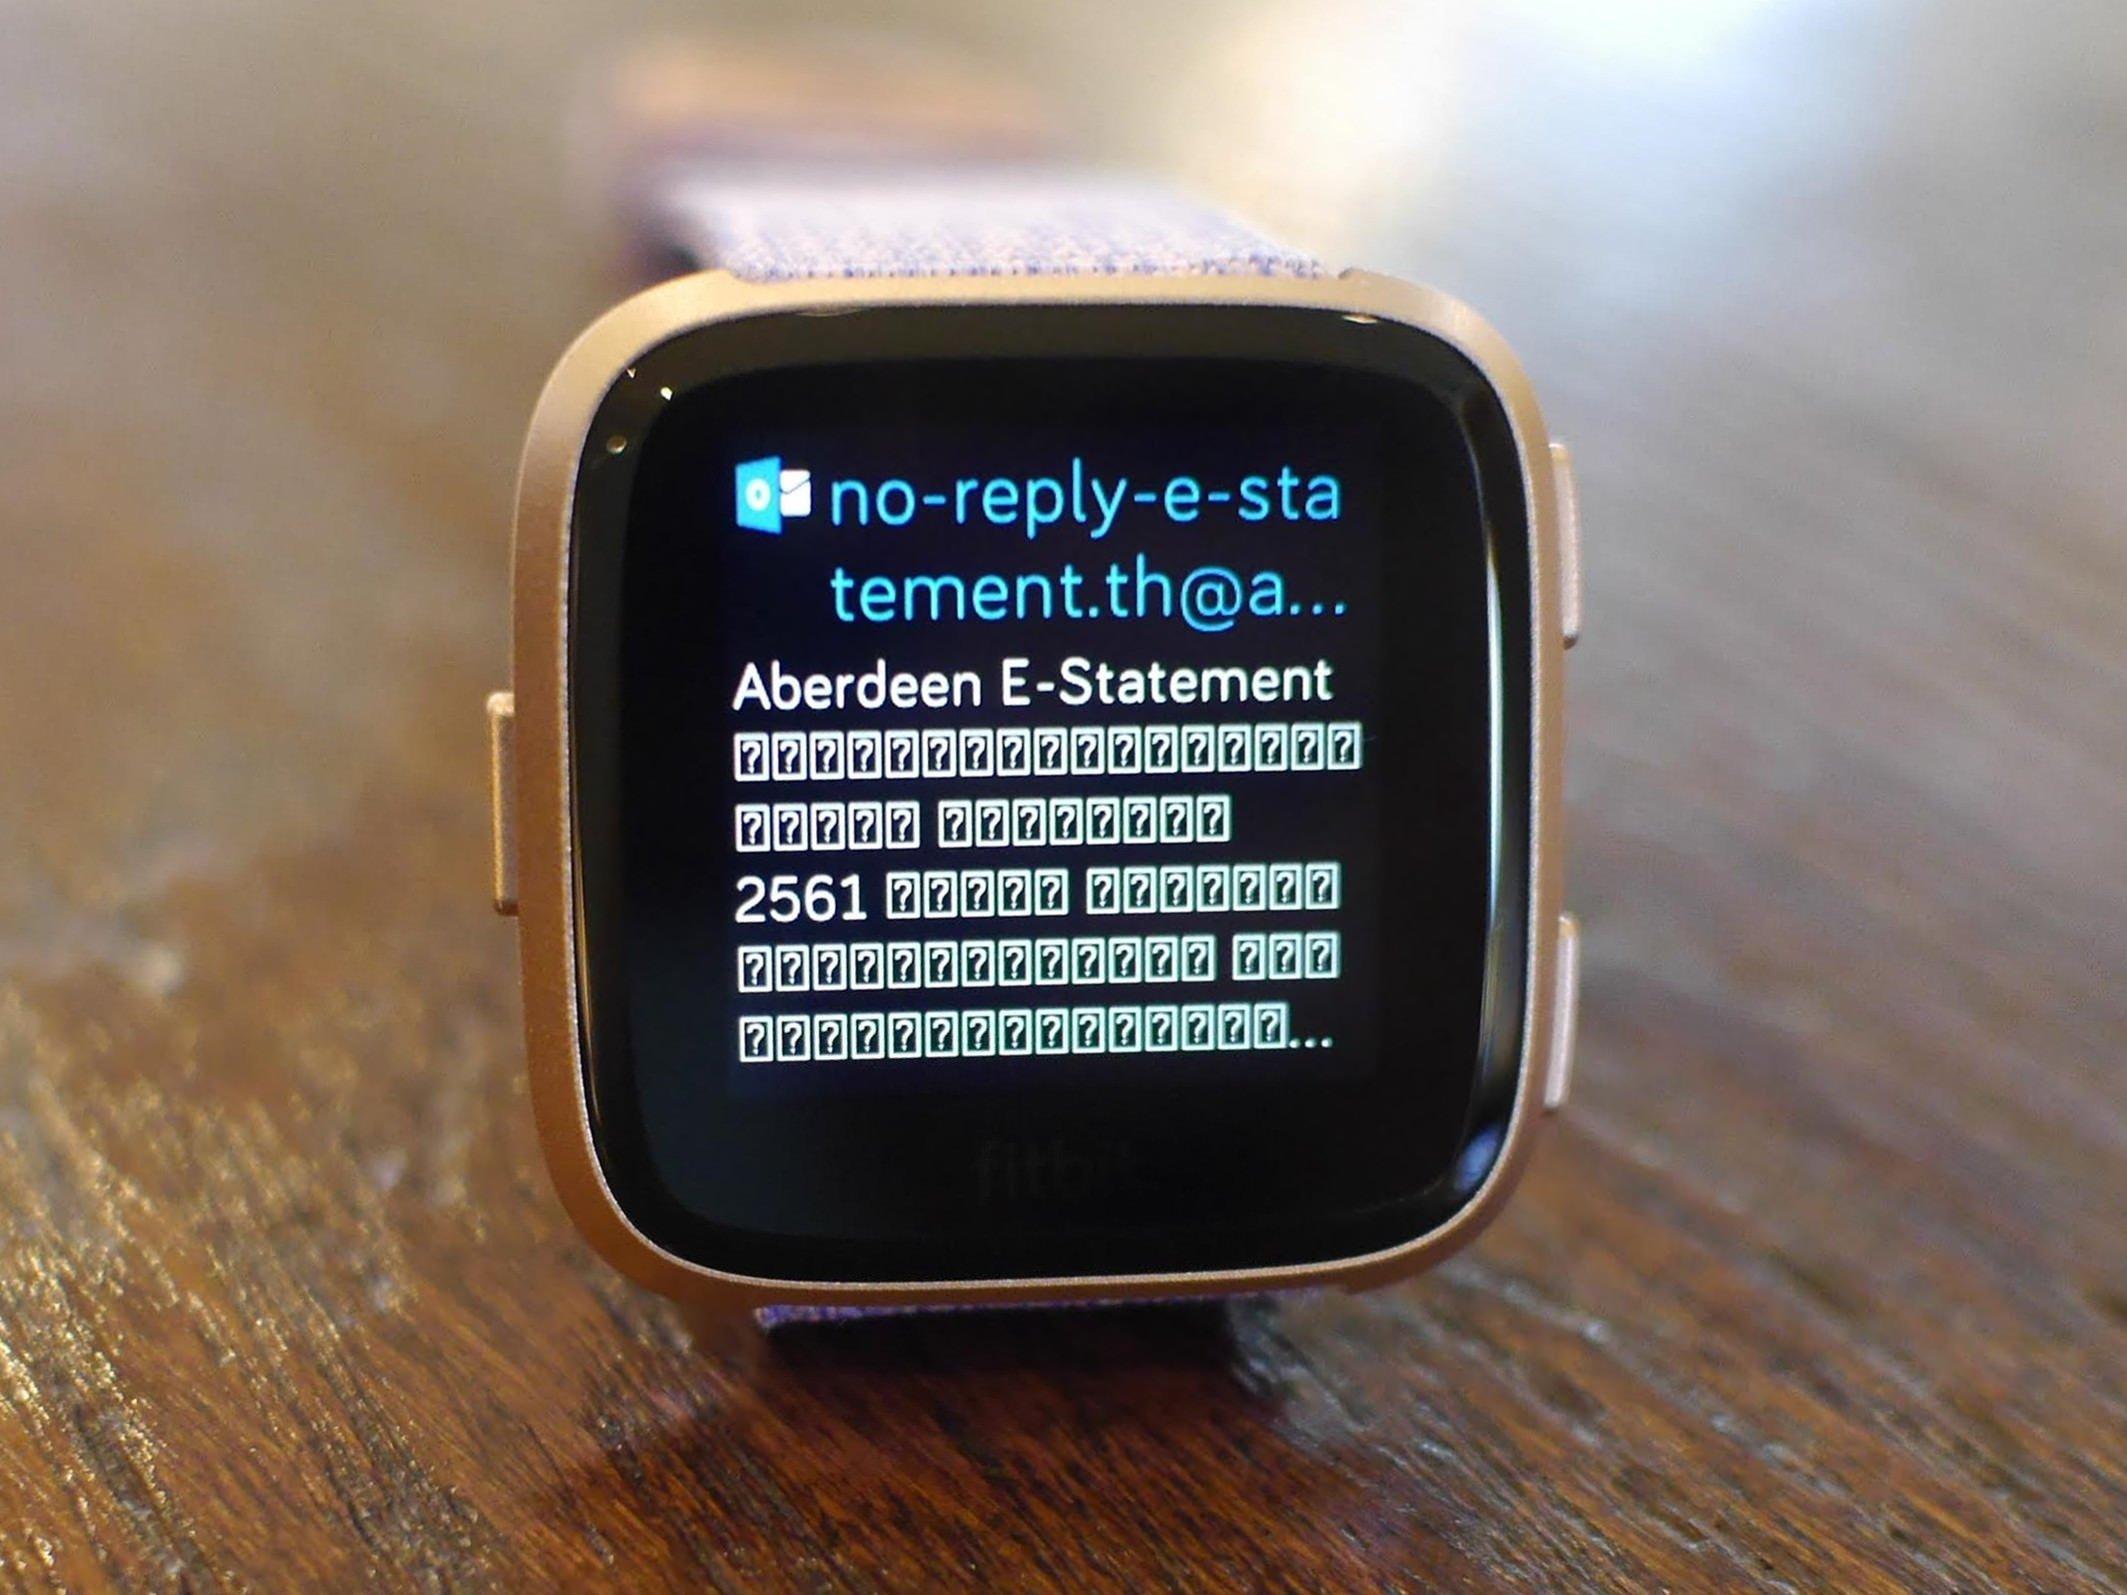 นาฬิกาฟิตบิท ที่จะต้องแก้ไขฟีเจอร์เพื่อสุขภาพใหม่ เพื่อการตรวจจับที่ดี